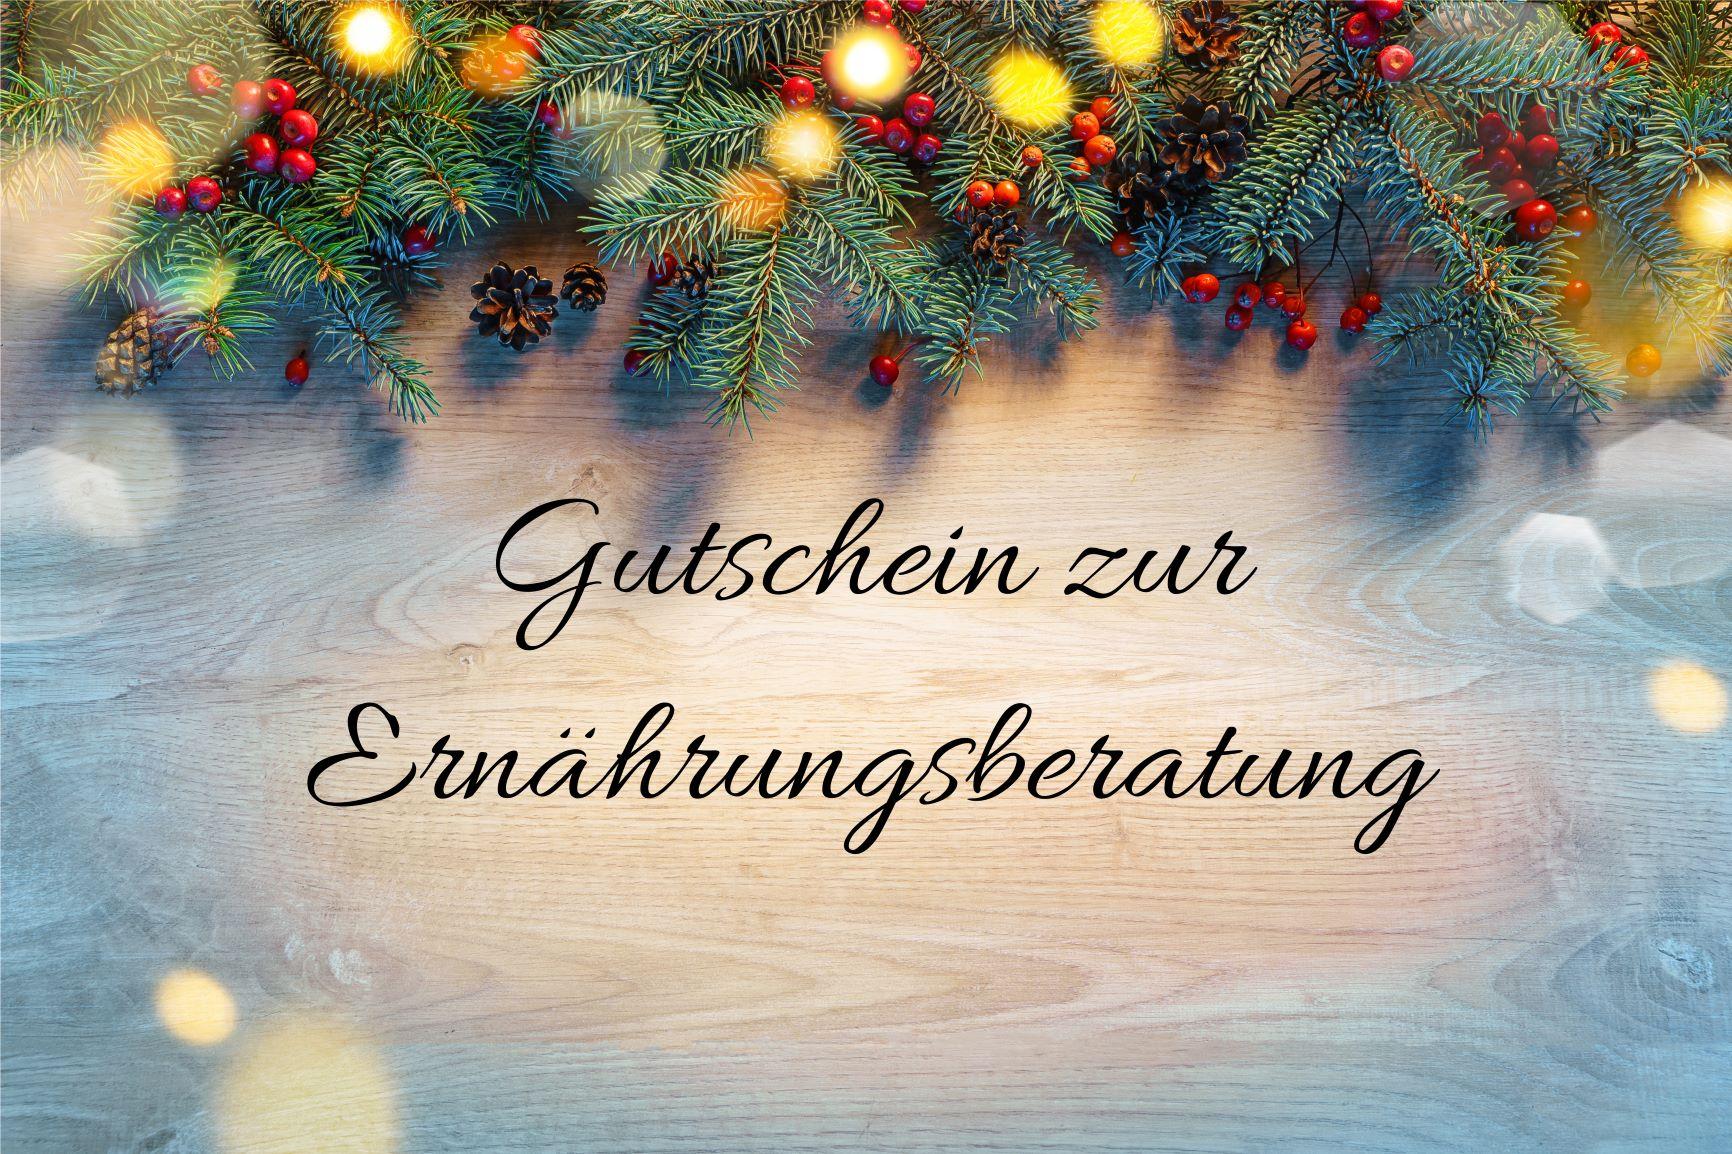 Weihnachten_Gutschein_kleinjpg